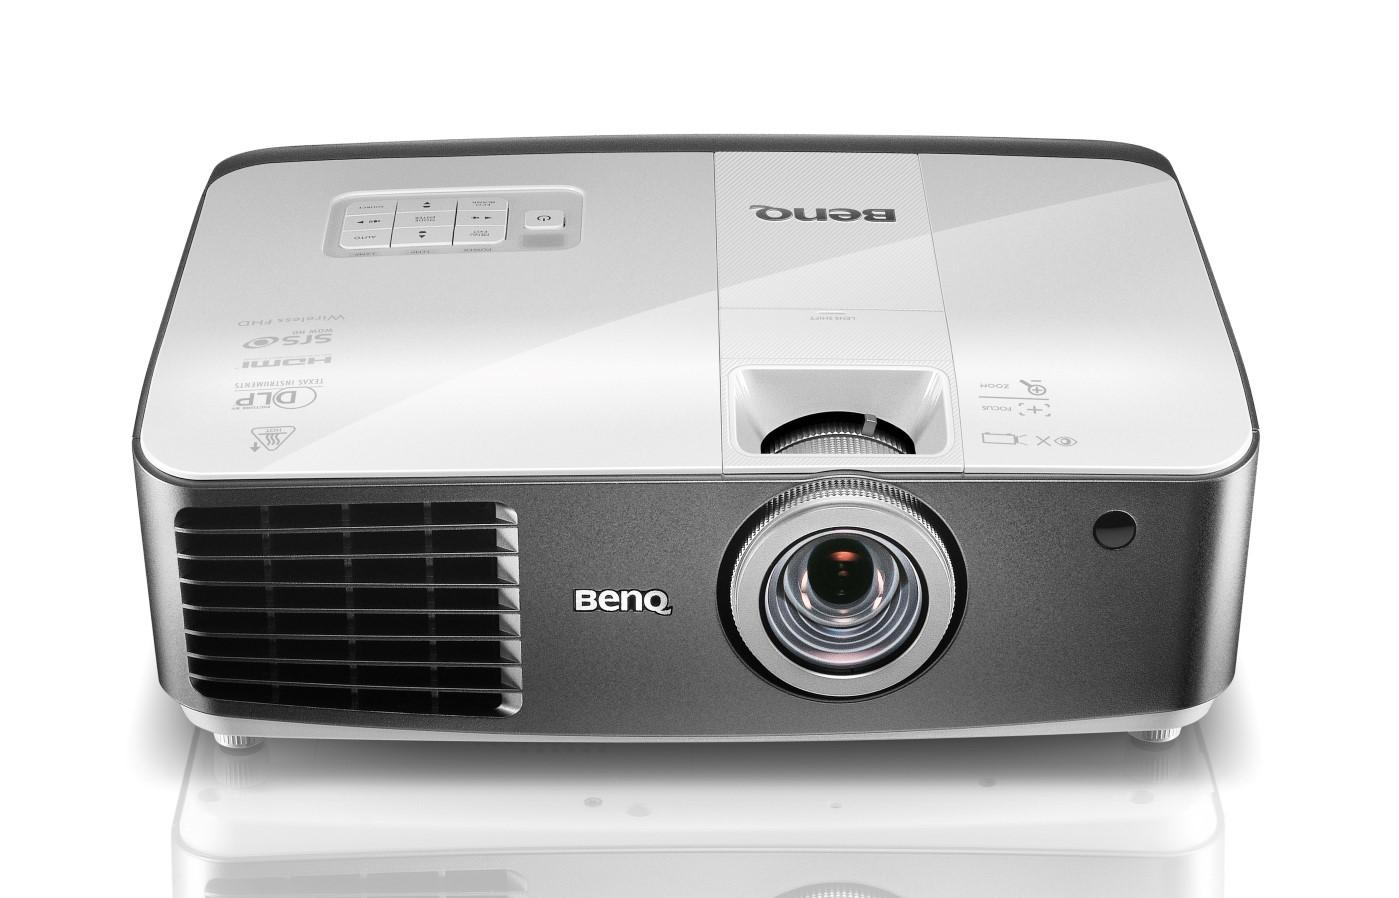 BenQ W1500, proiettore con ricevitore wireless Full HD integrato